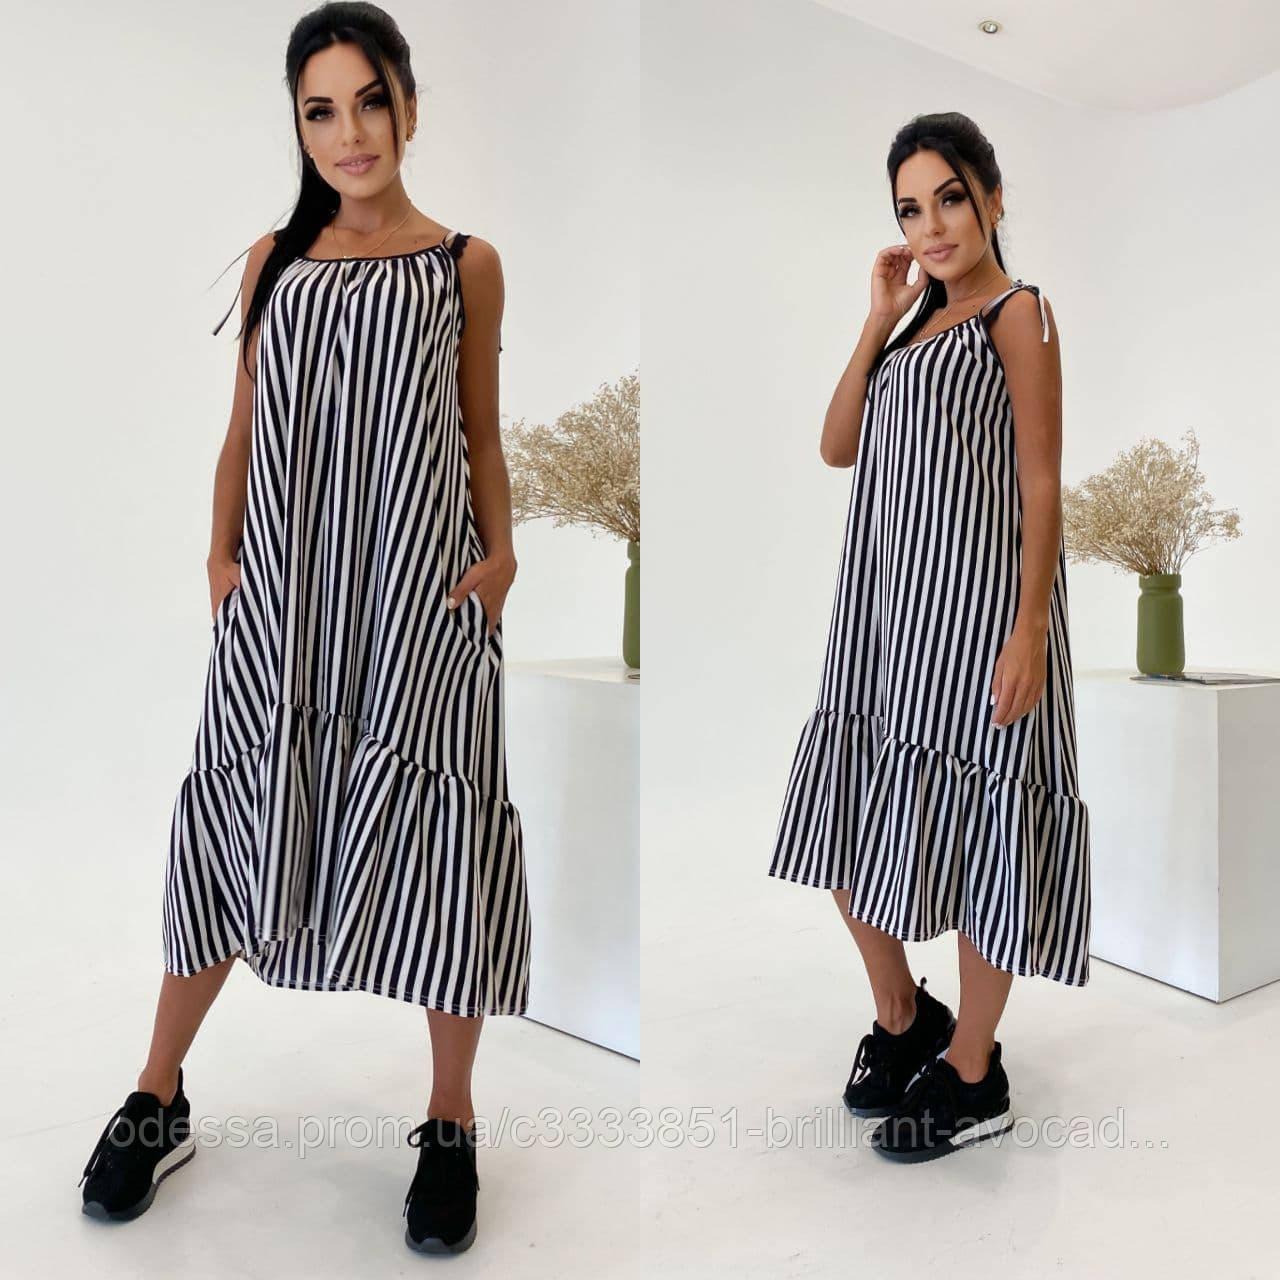 Женский модный летний сарафан - платье в полоску, размер 42 44 46 48 50 52